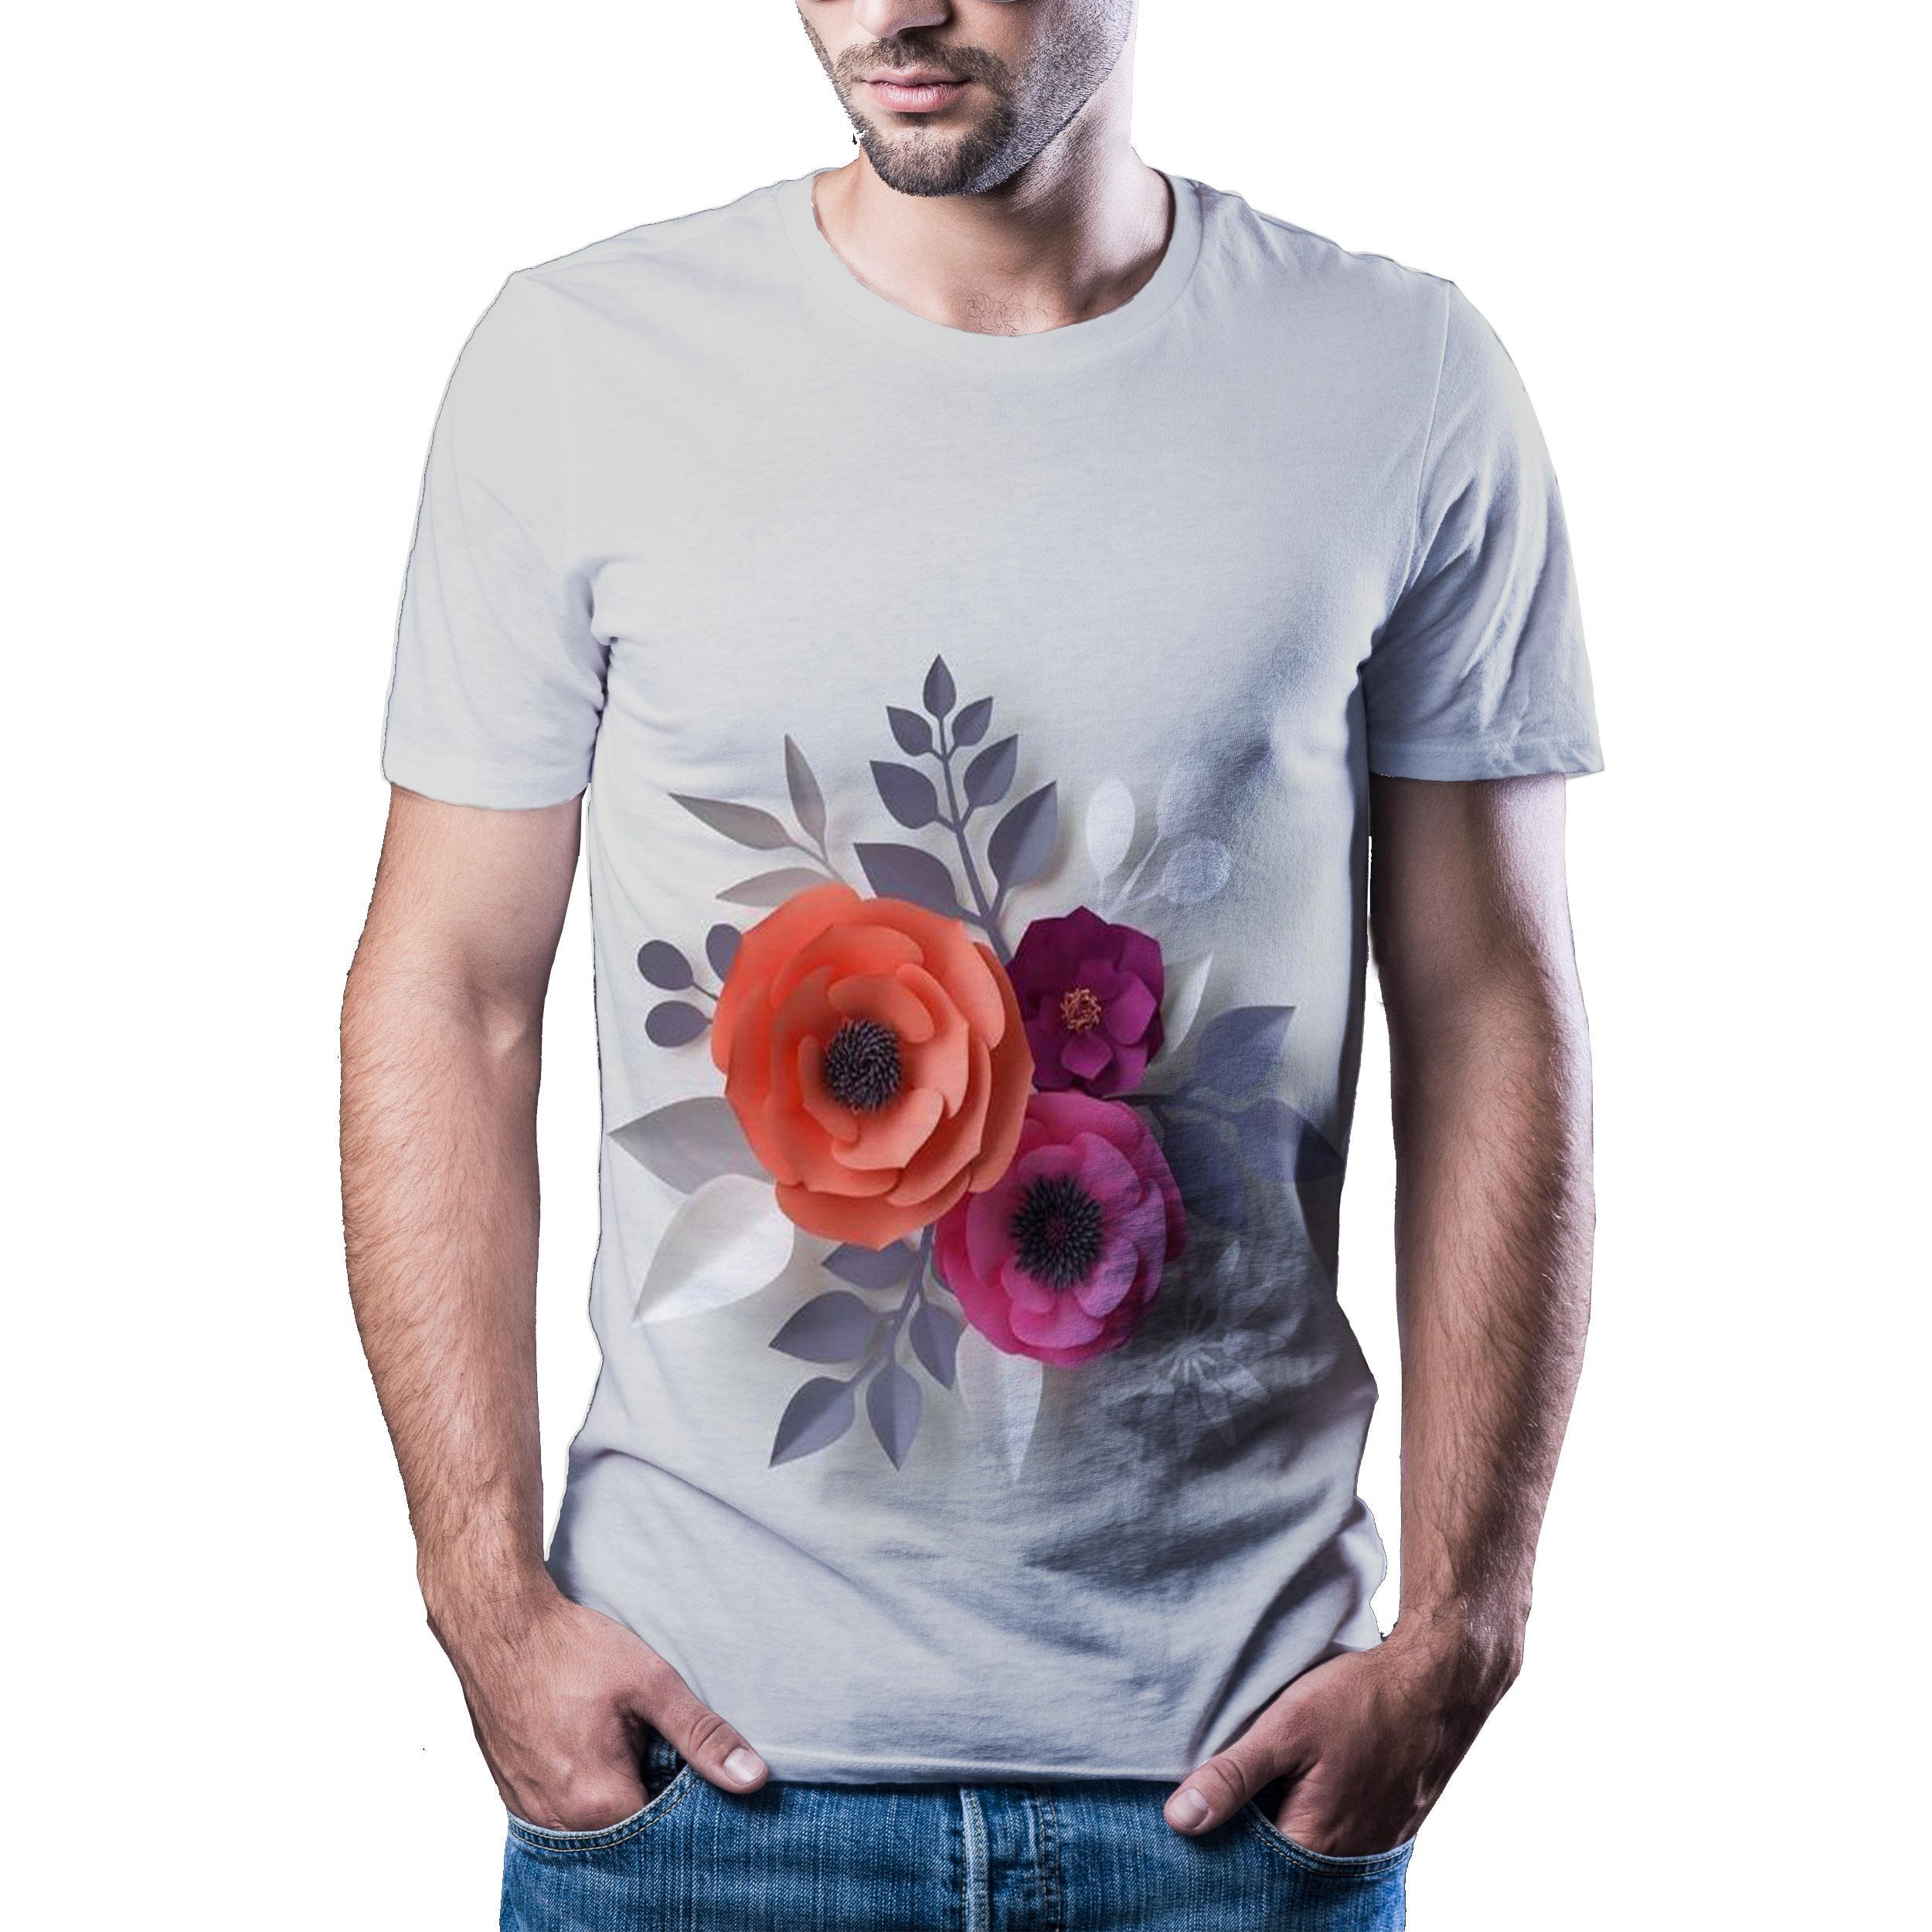 2020 scak erkek yaz yeni yuvarlak boyun ksa kollu 3D bask yksek kaliteli T-shirt spor T-shirt taze iekler boyutu t-shirt